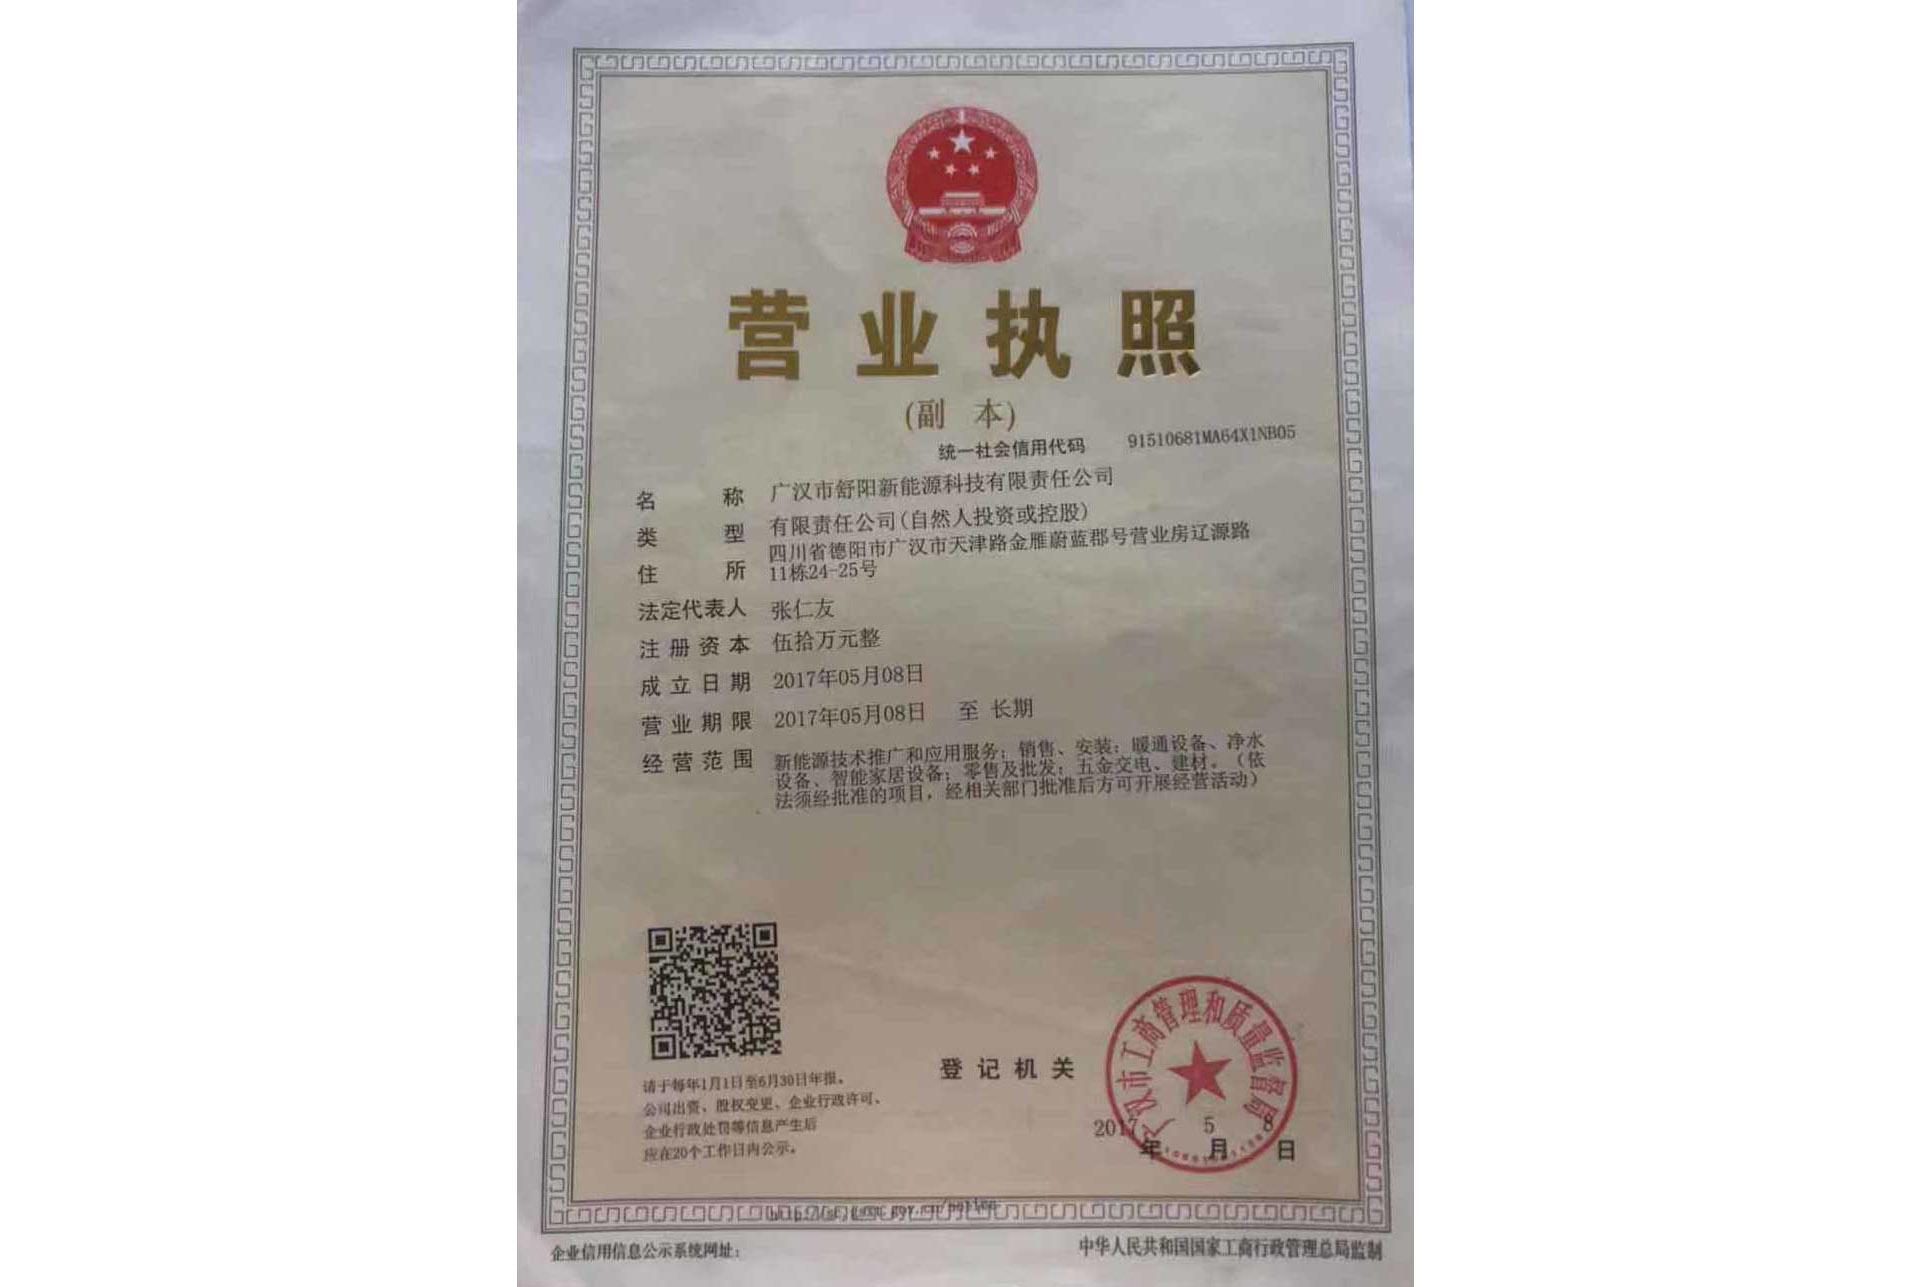 舒阳新能源科技有限责任公司营业执照